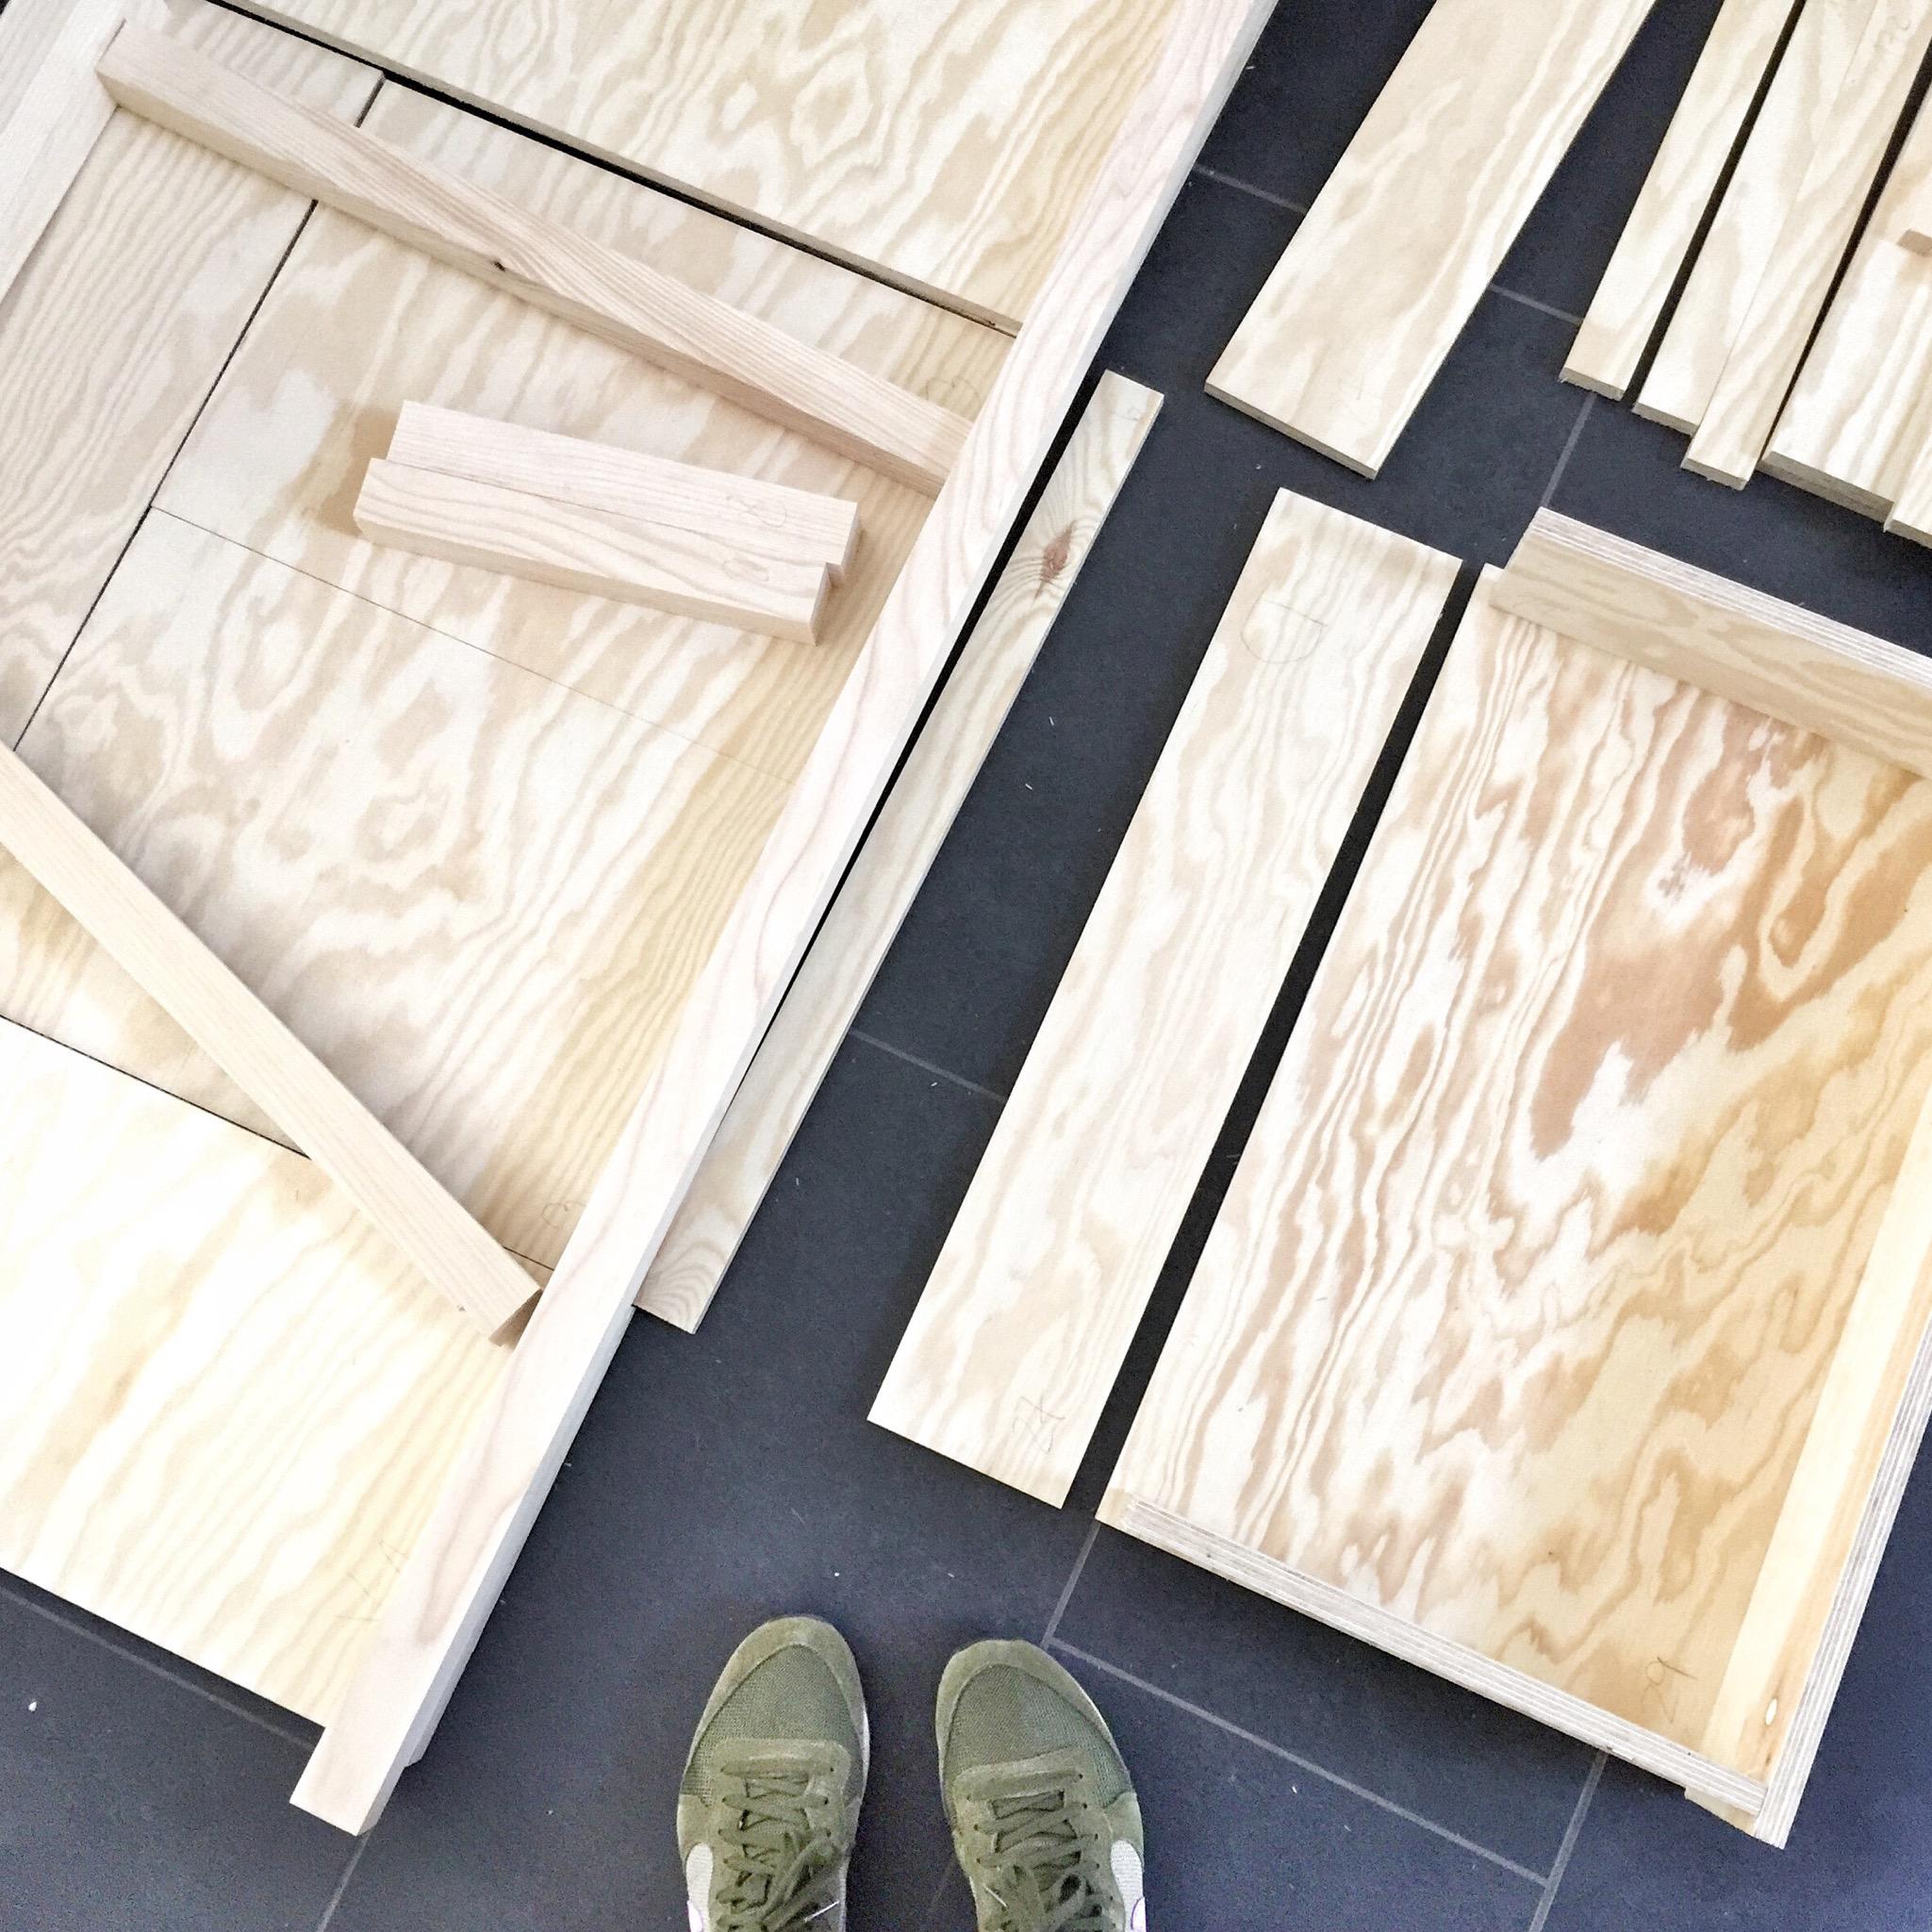 Das Sideboard mit Schublade, noch im zerlegten Zustand